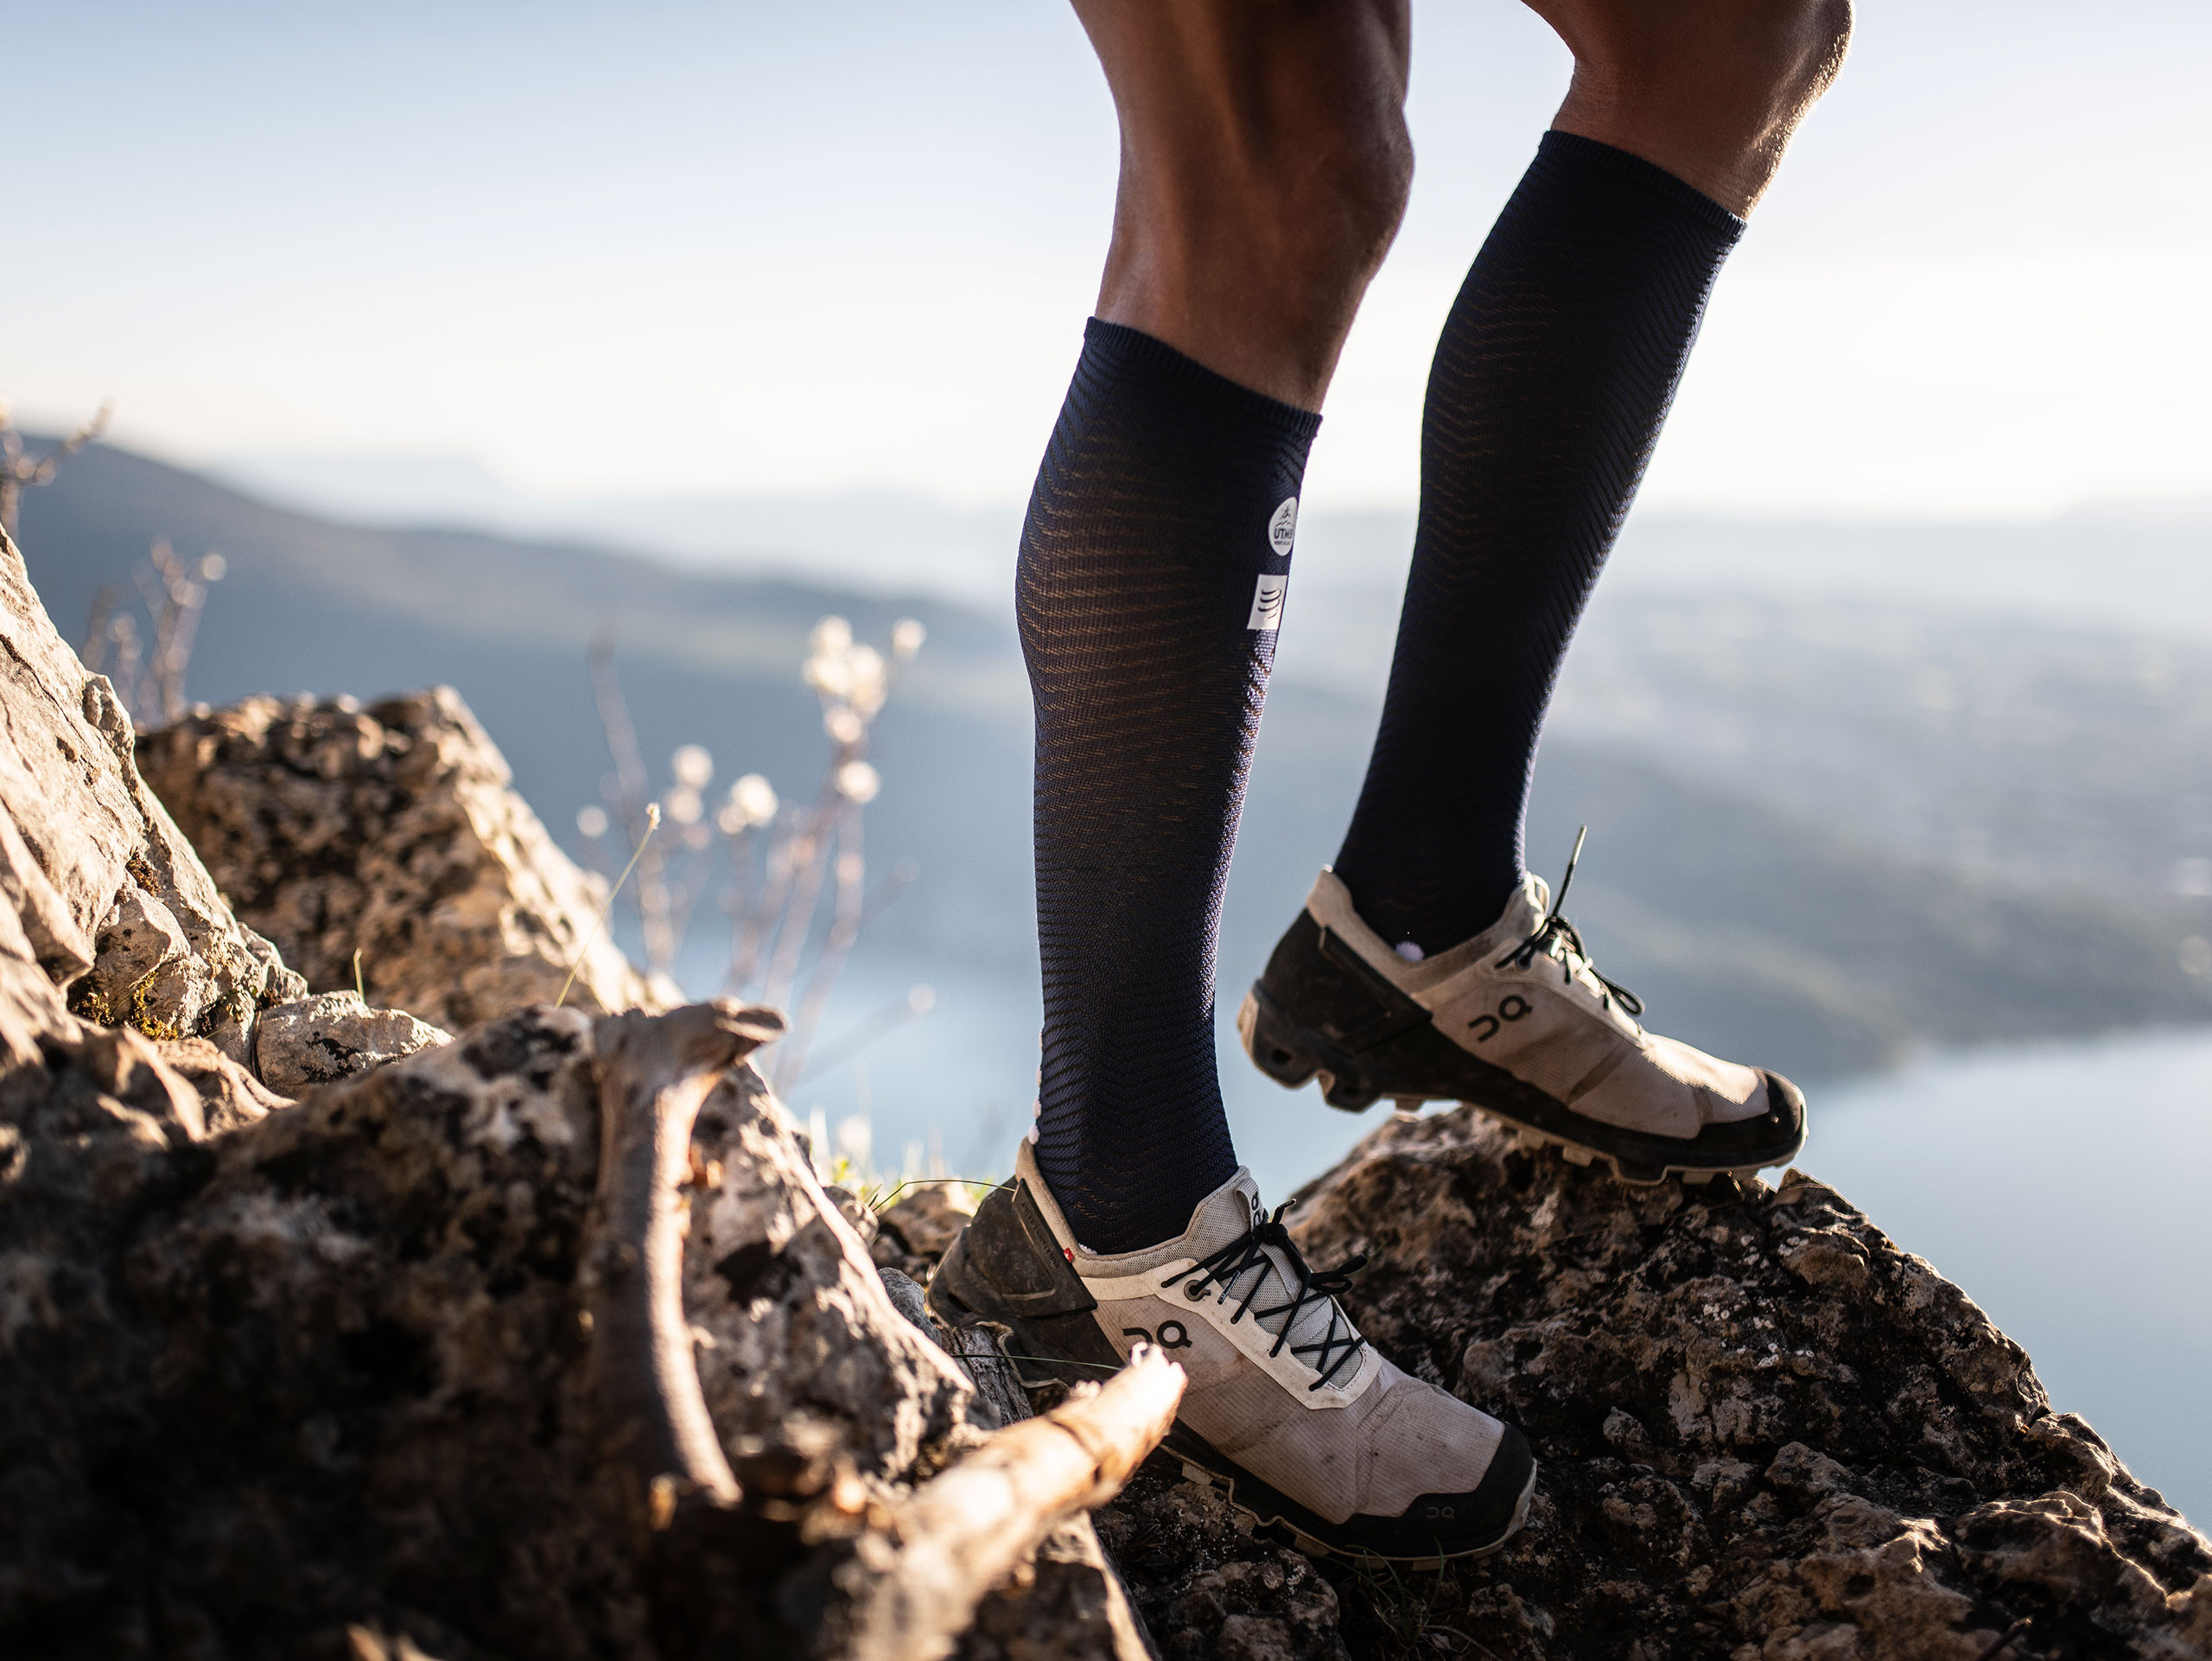 Full Socks Race & Recovery - UTMB® 2019